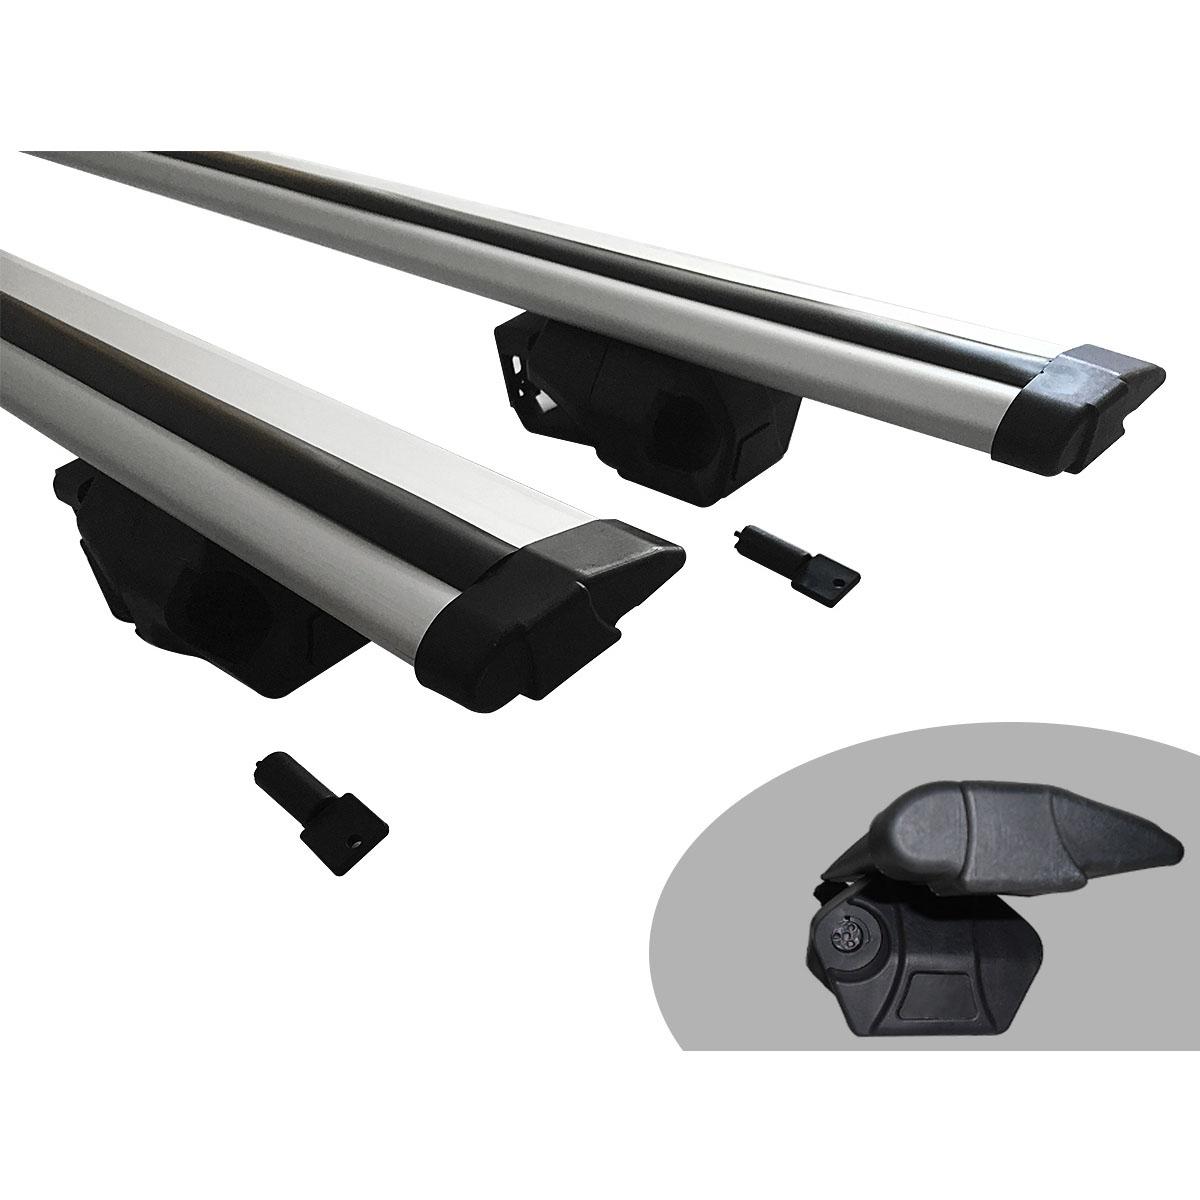 Travessa rack de teto Procargo Jetta Variant 2008 a 2013 com trava de segurança